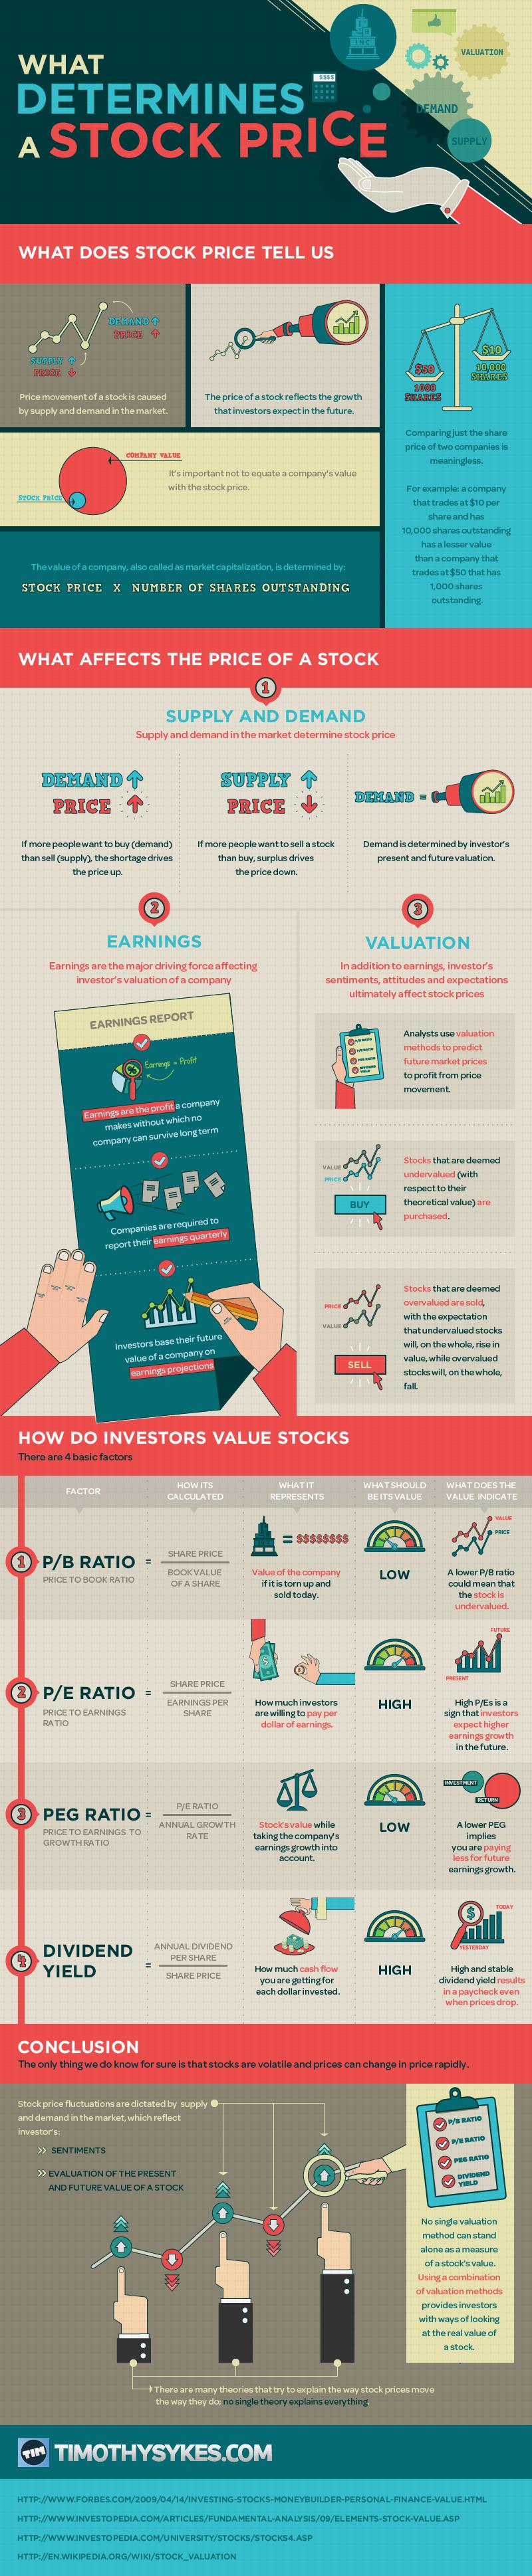 Best 20+ Stock prices ideas on Pinterest | Stock picks, Stock ...